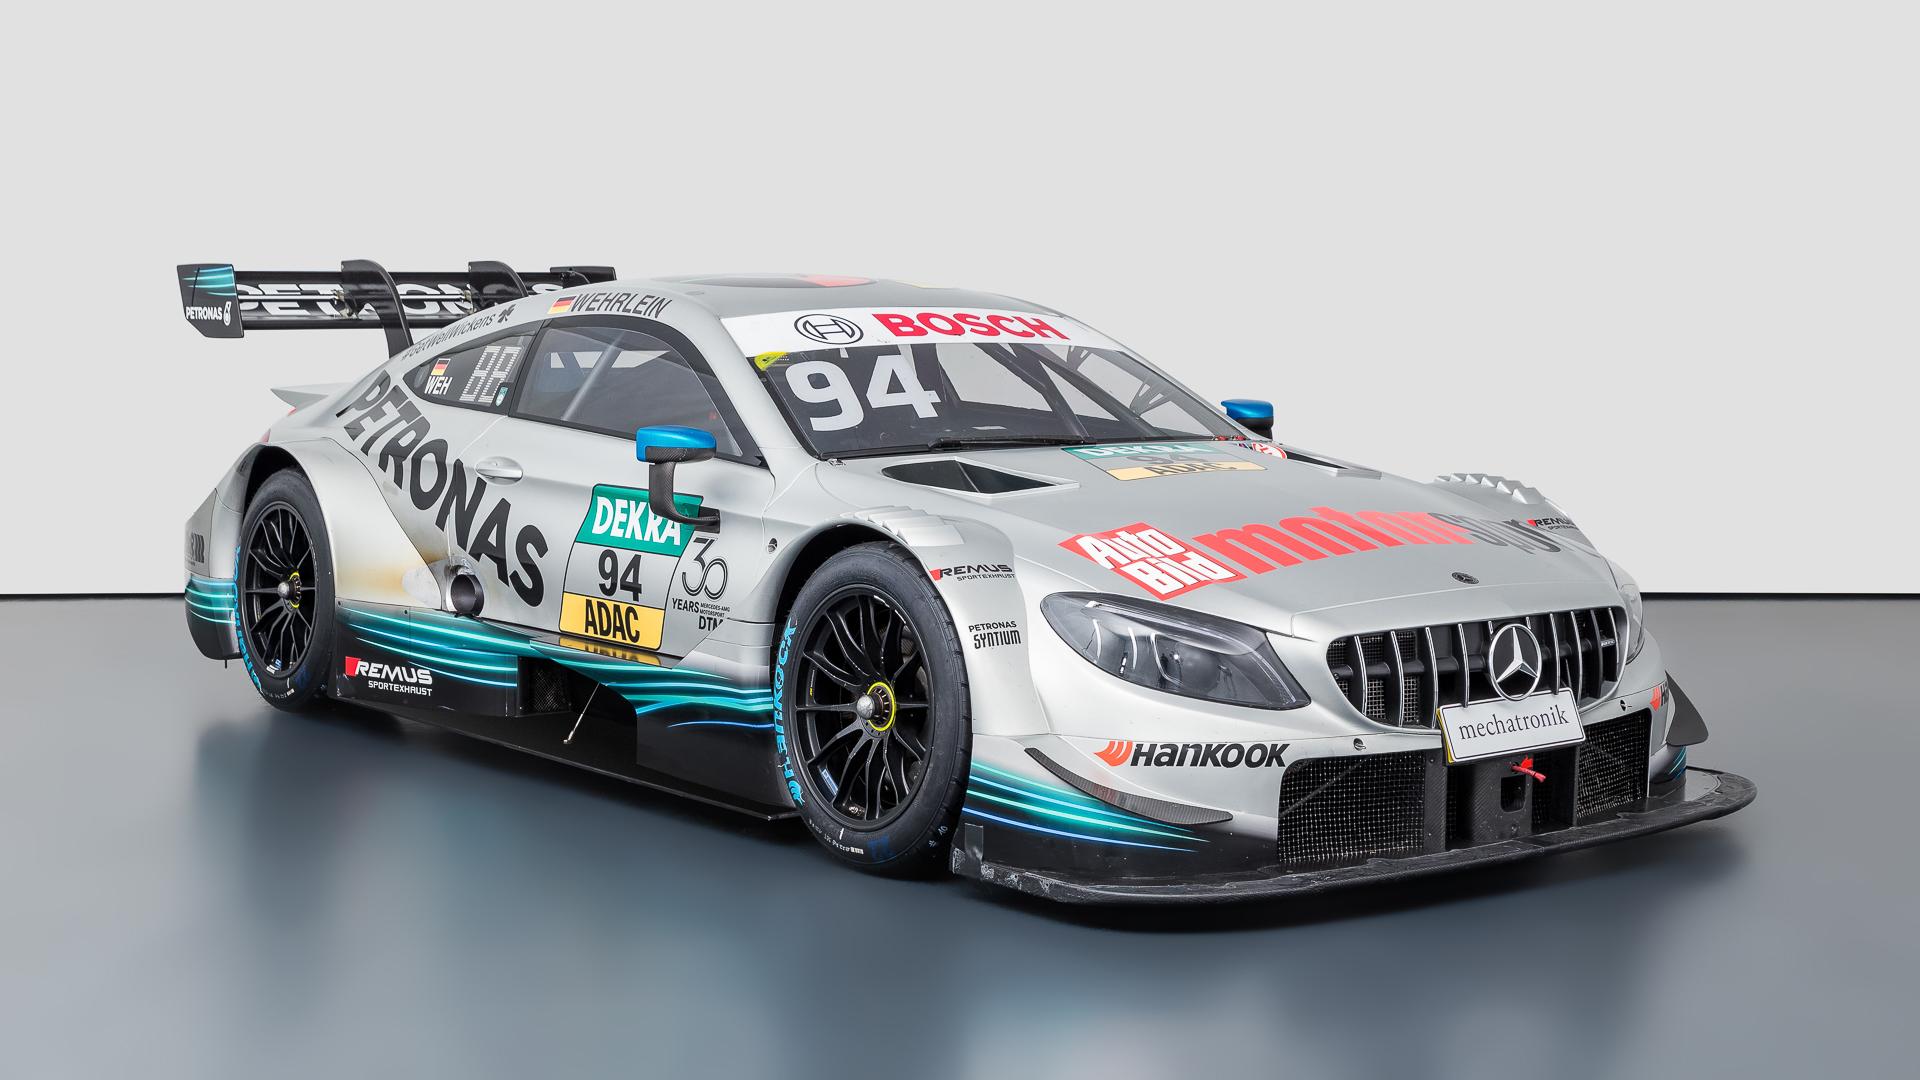 Originales-AMG-DTM-Fahrzeug-der-Saison-2018-steht-zum-Verkauf